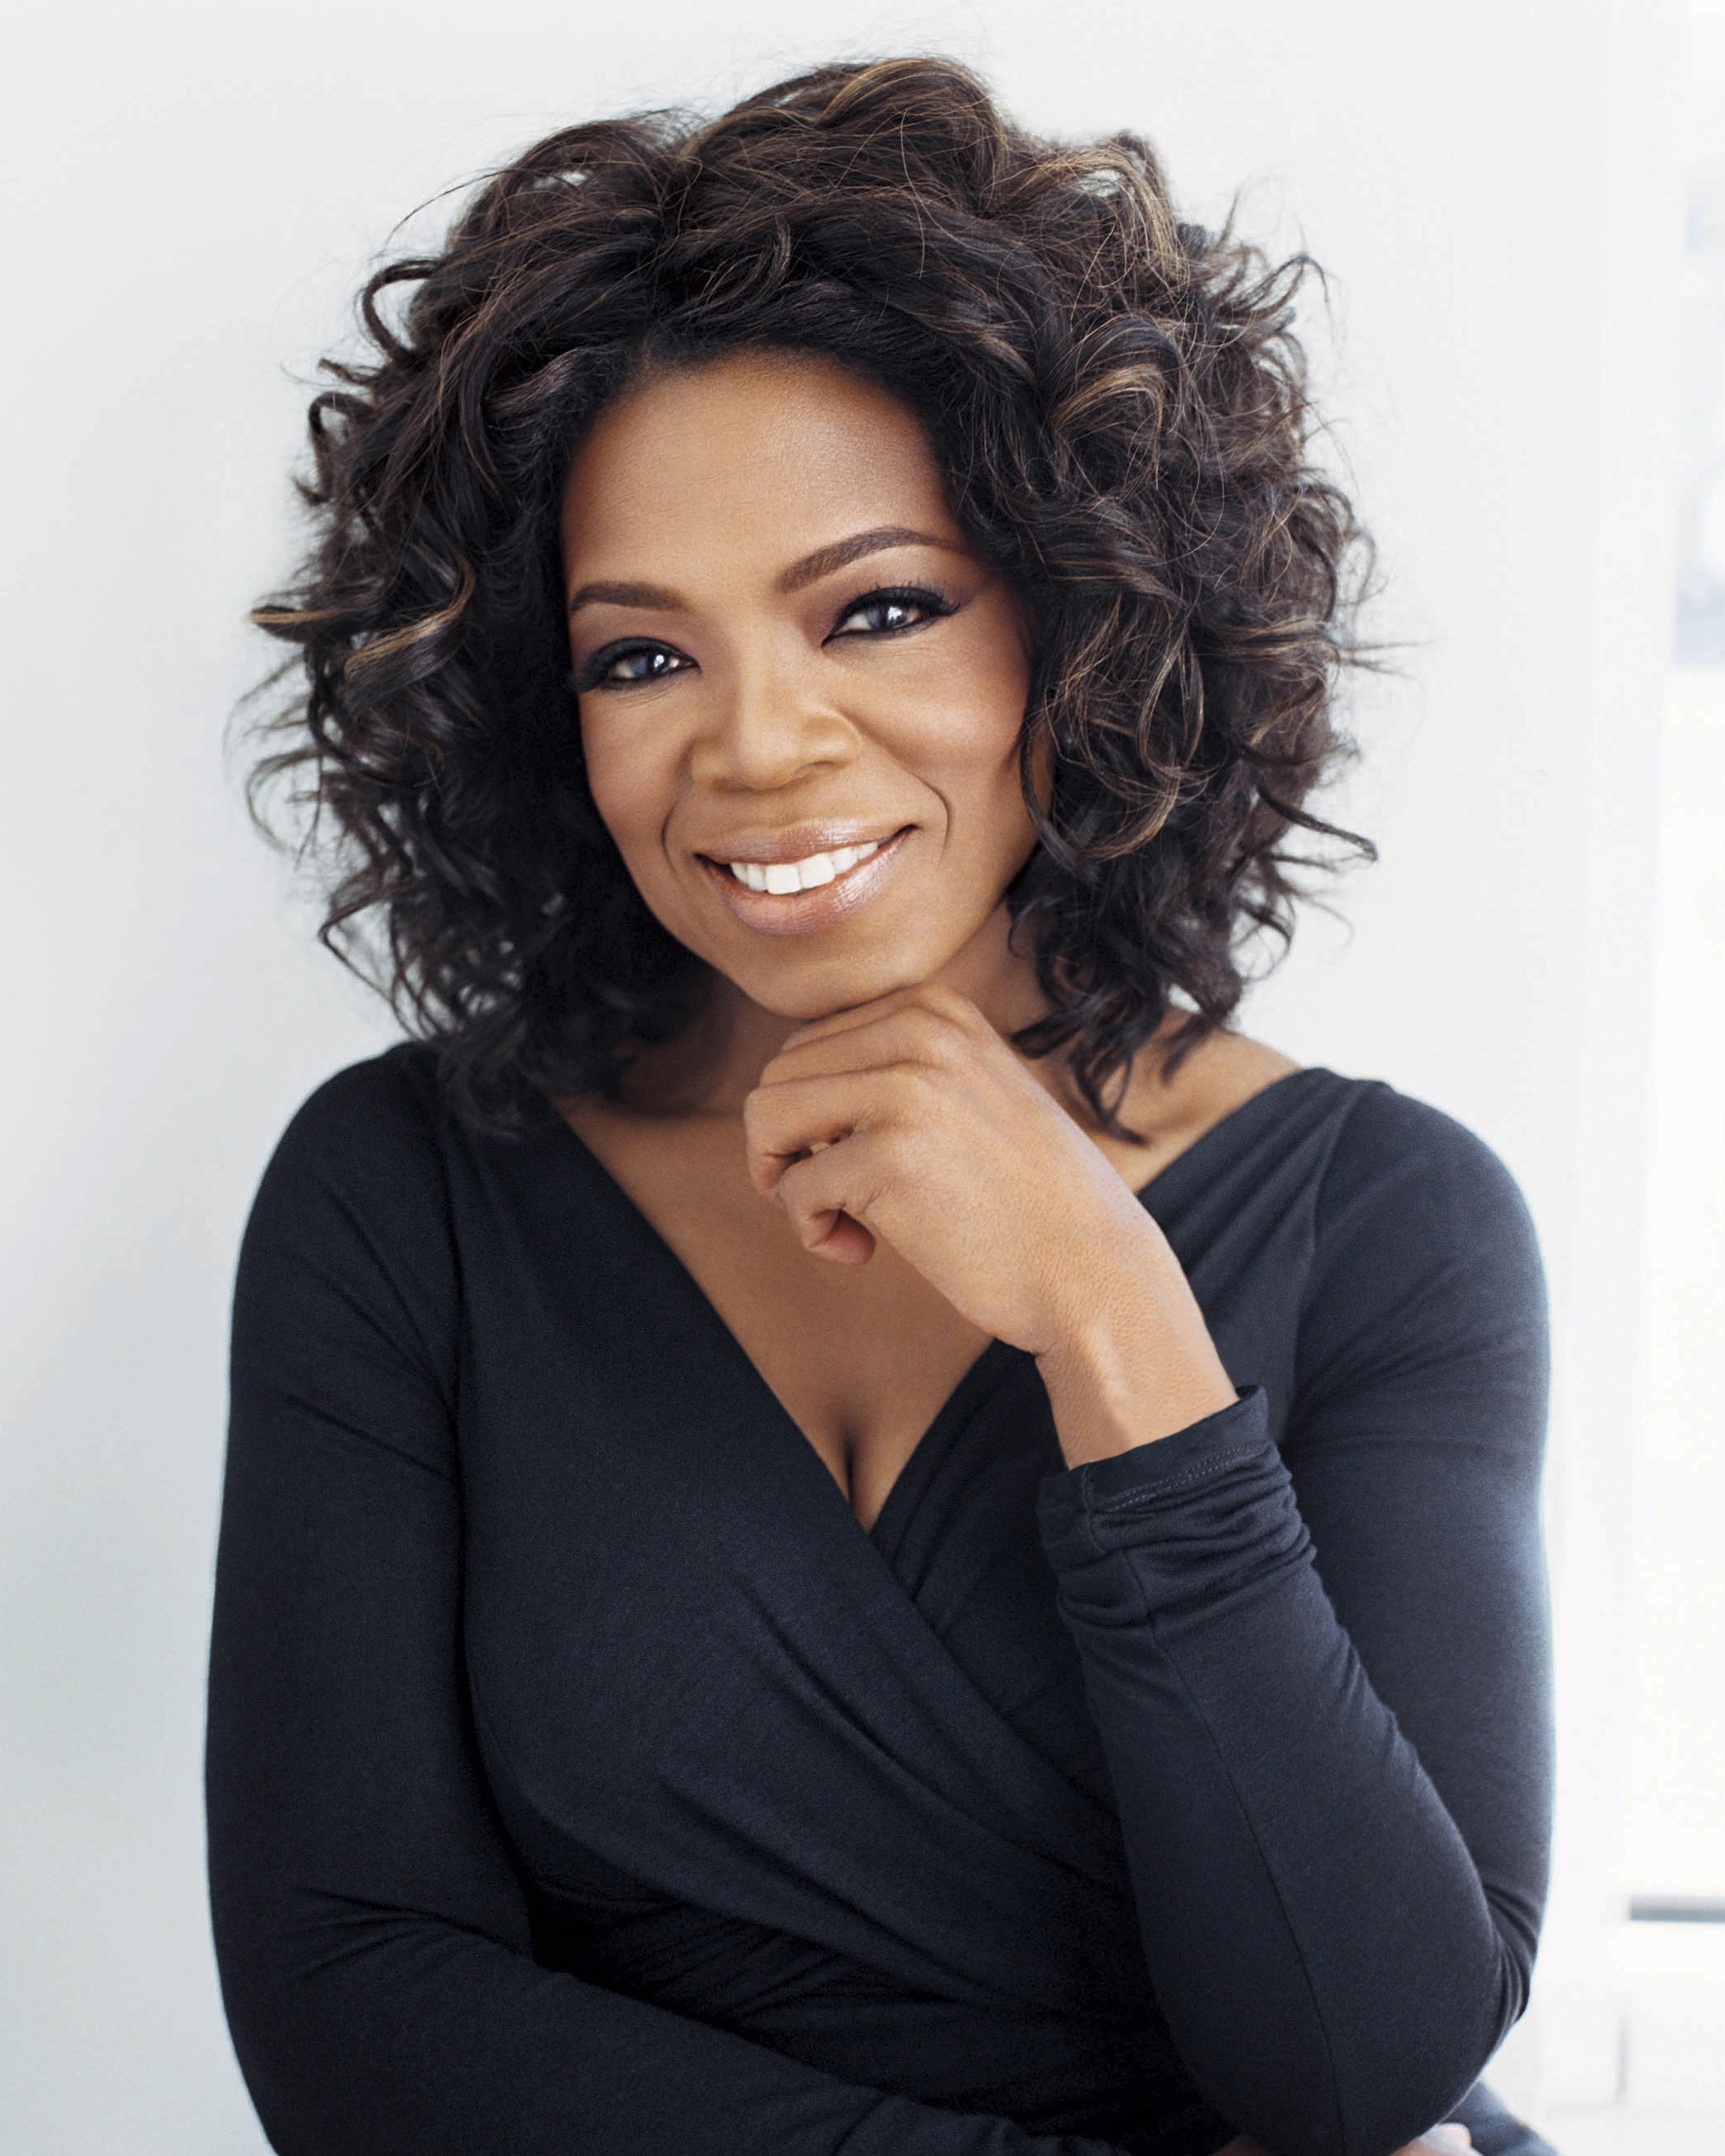 oprah winfrey ending her talk show advertisements